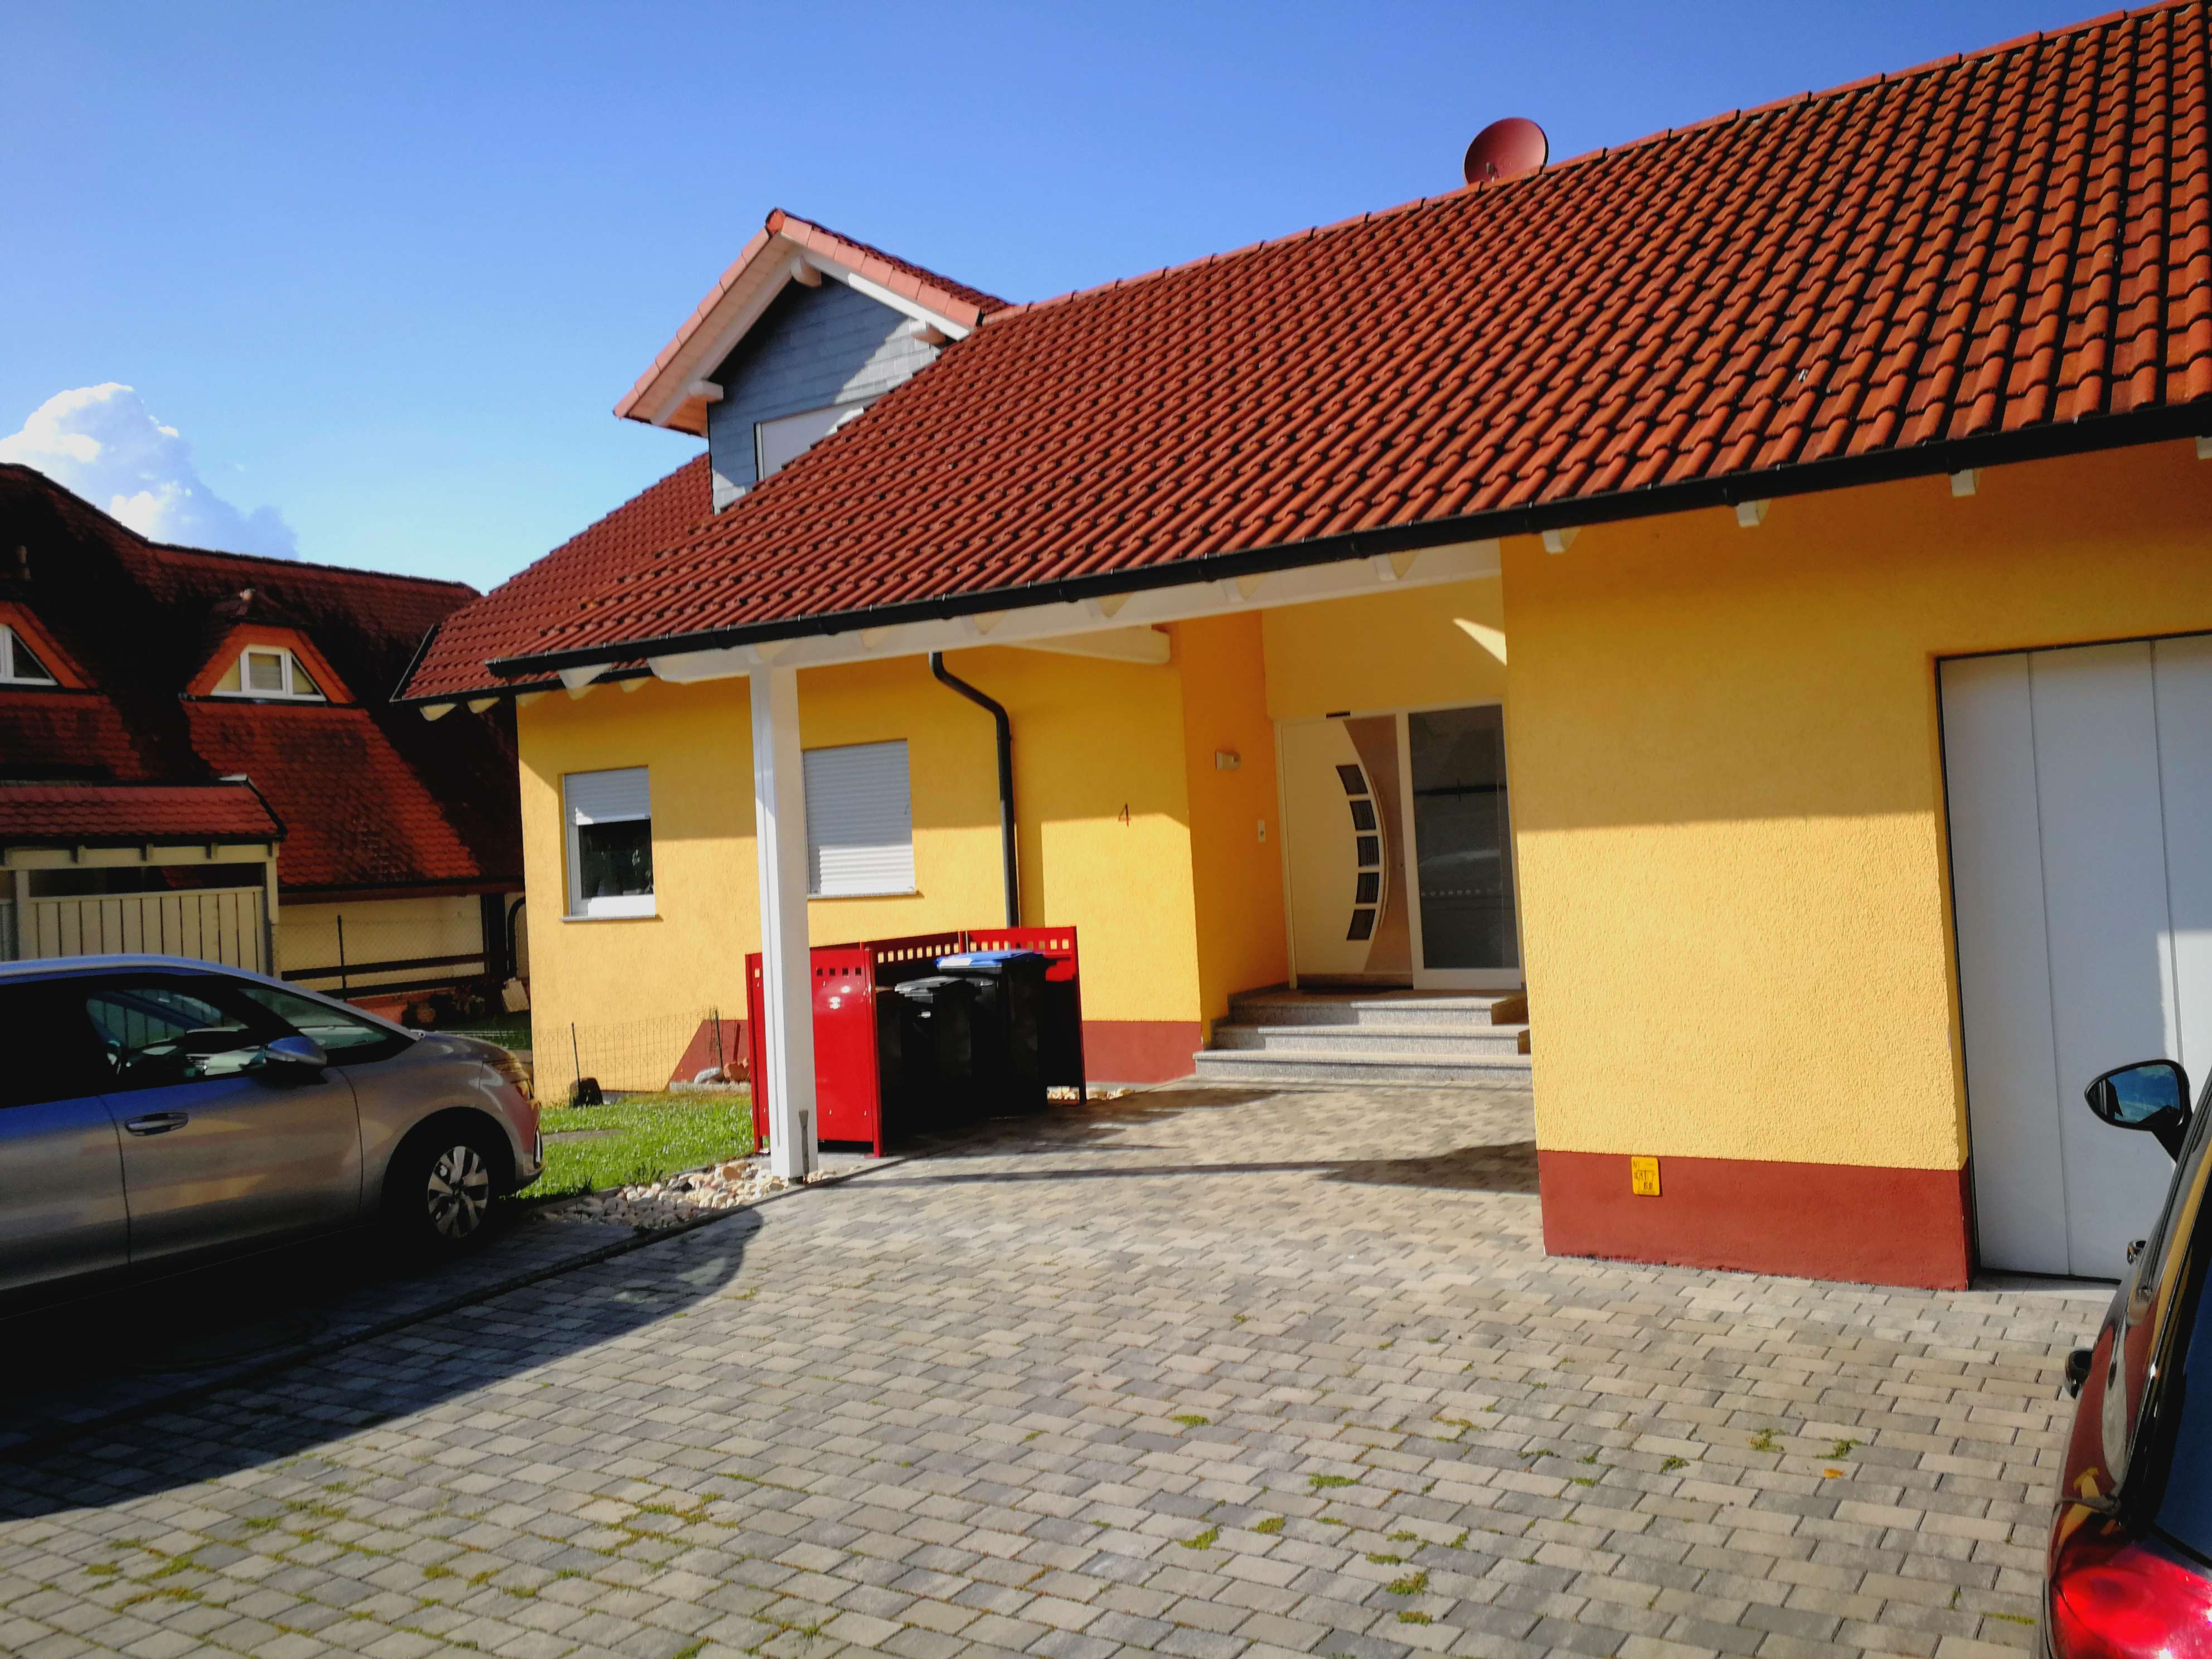 Helle Moderne 4 Zimmerwhg. mit 3 Schlafräumen in Großwallstadt, mit Balkon in ruhiger Ortsrandlage. in